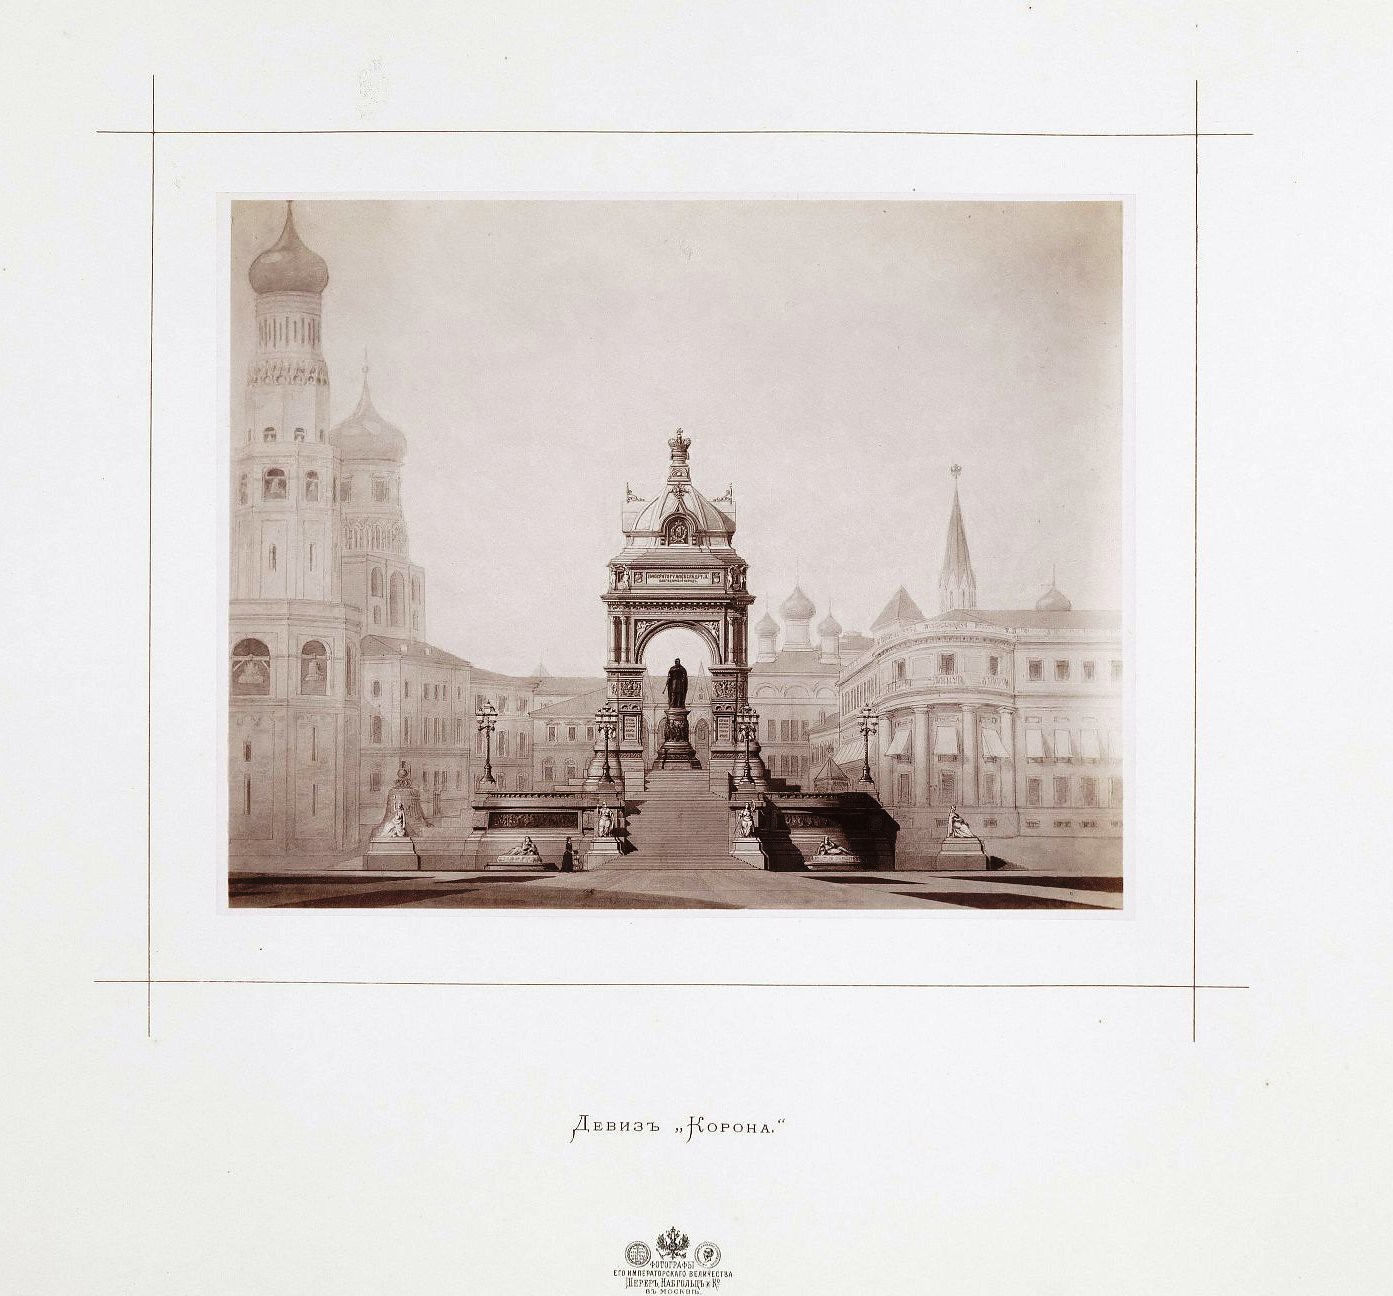 1884. Конкурсный проект памятника императору Александру II в Московском Кремле под девизом «Корона»